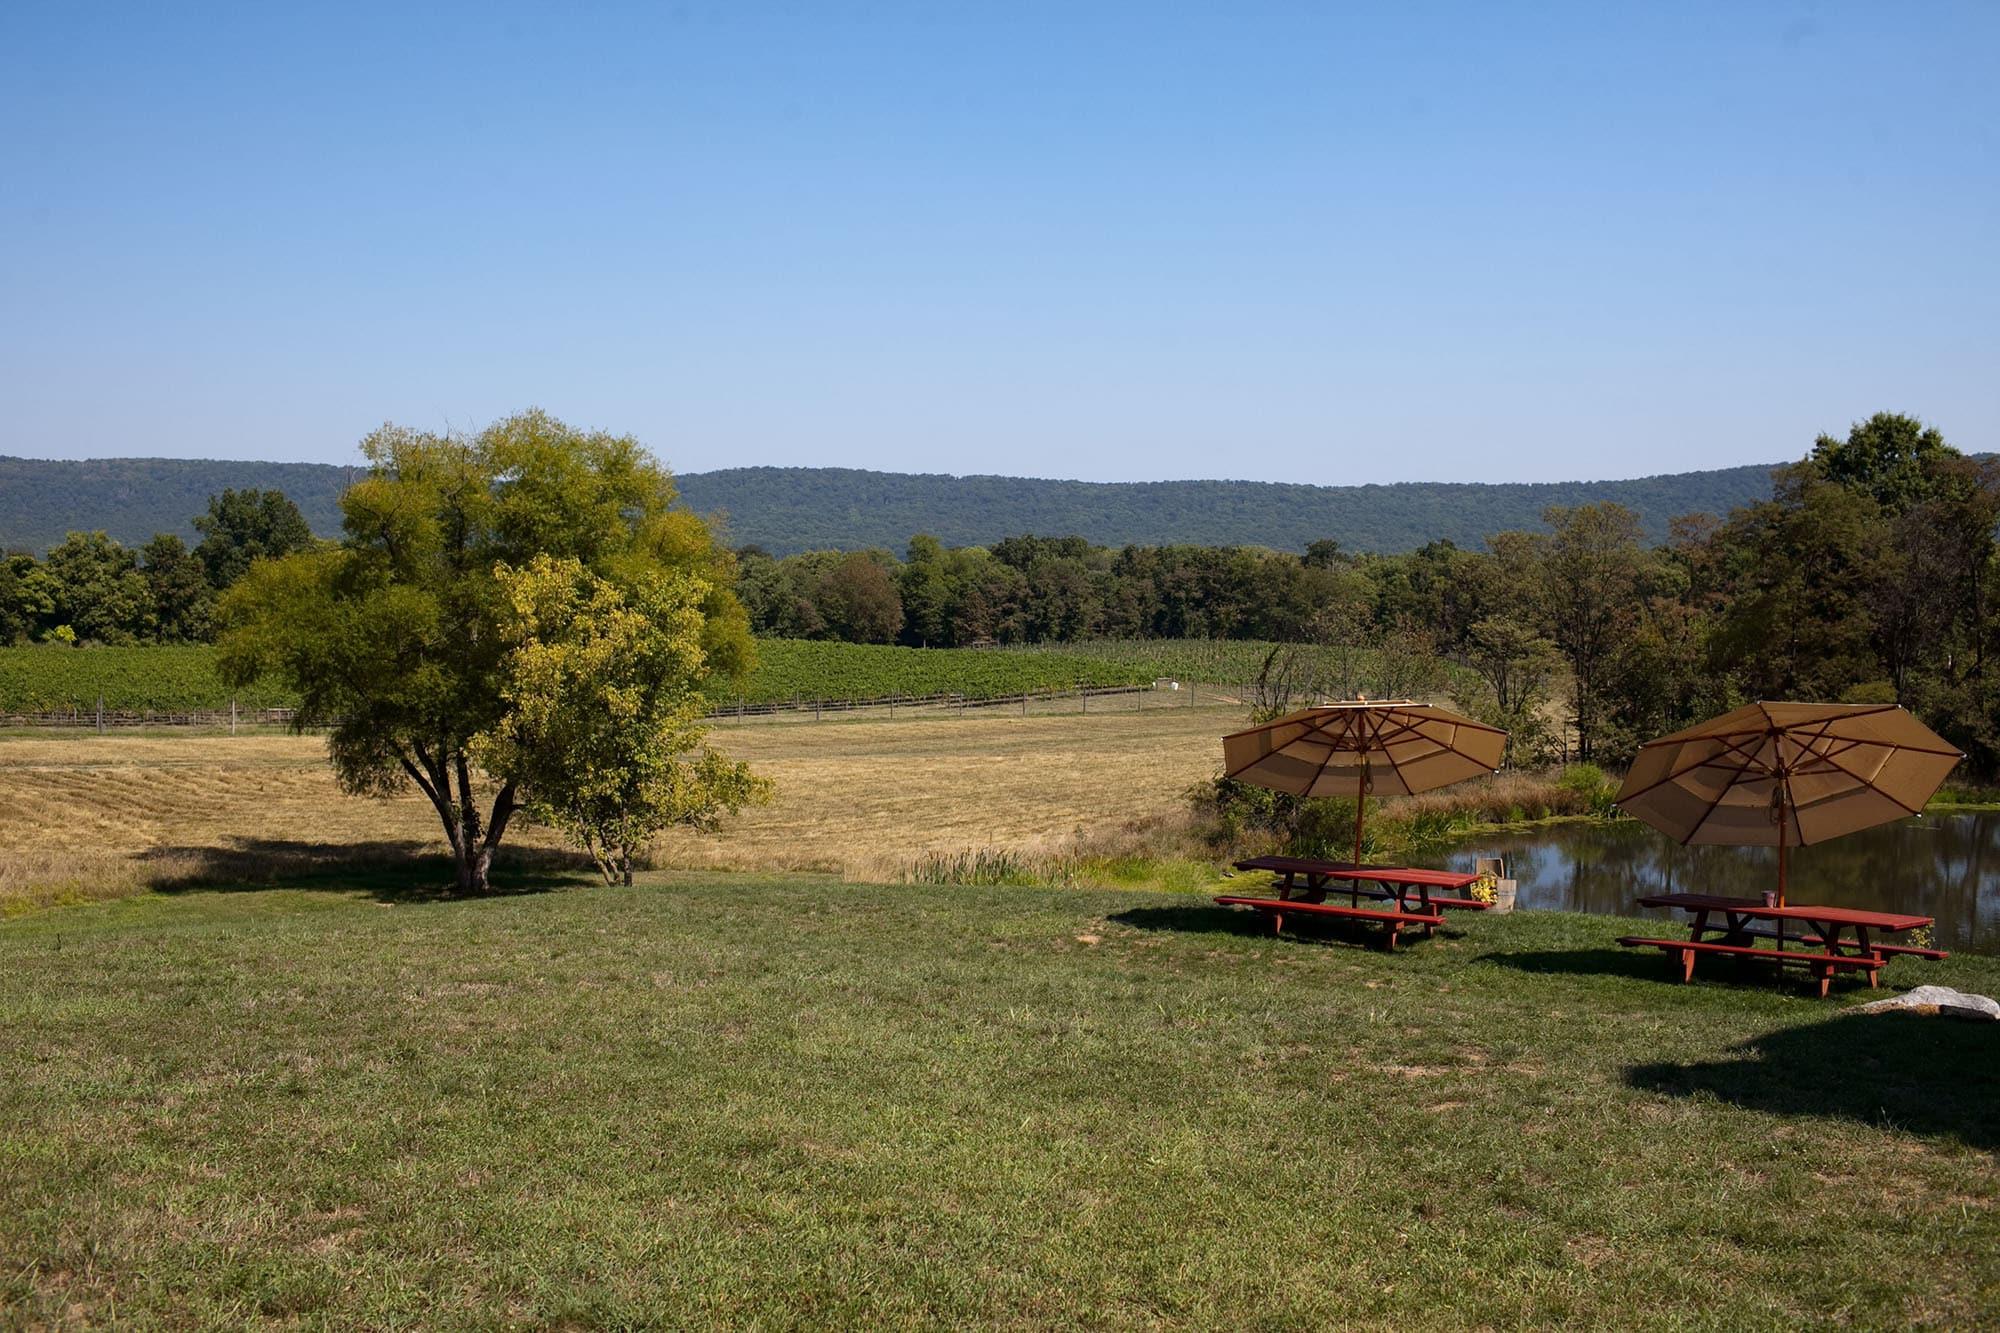 Virginia/North Carolina Road Trip - Notaviva winery in Virginia